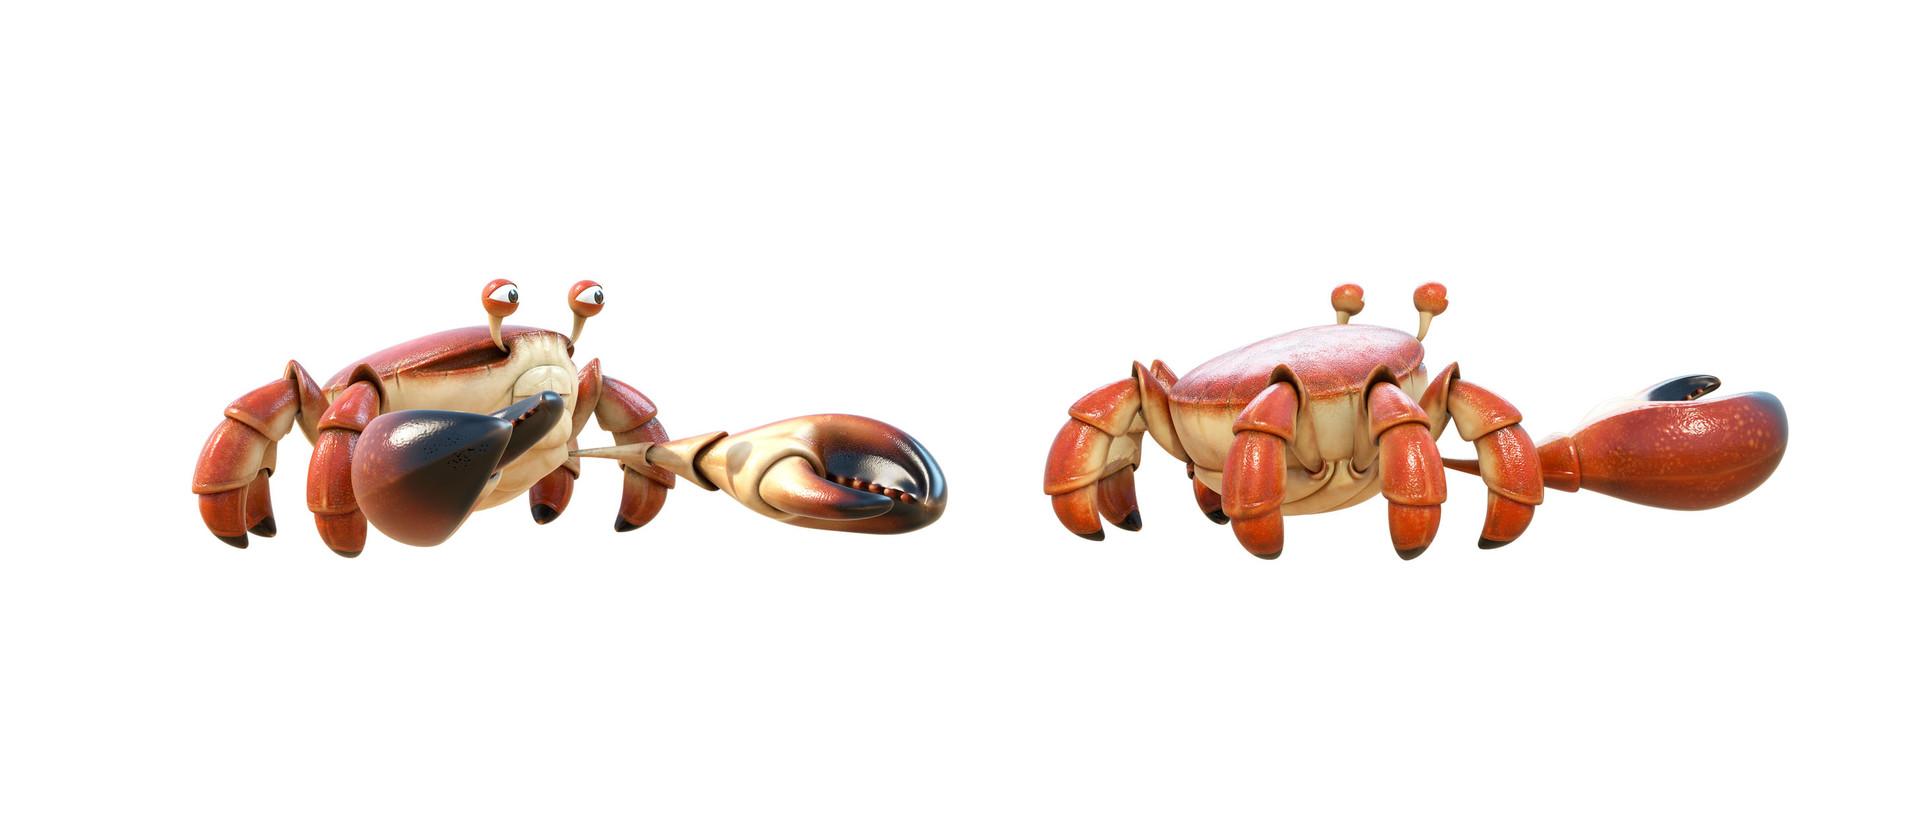 Duc phil nguyen crabi